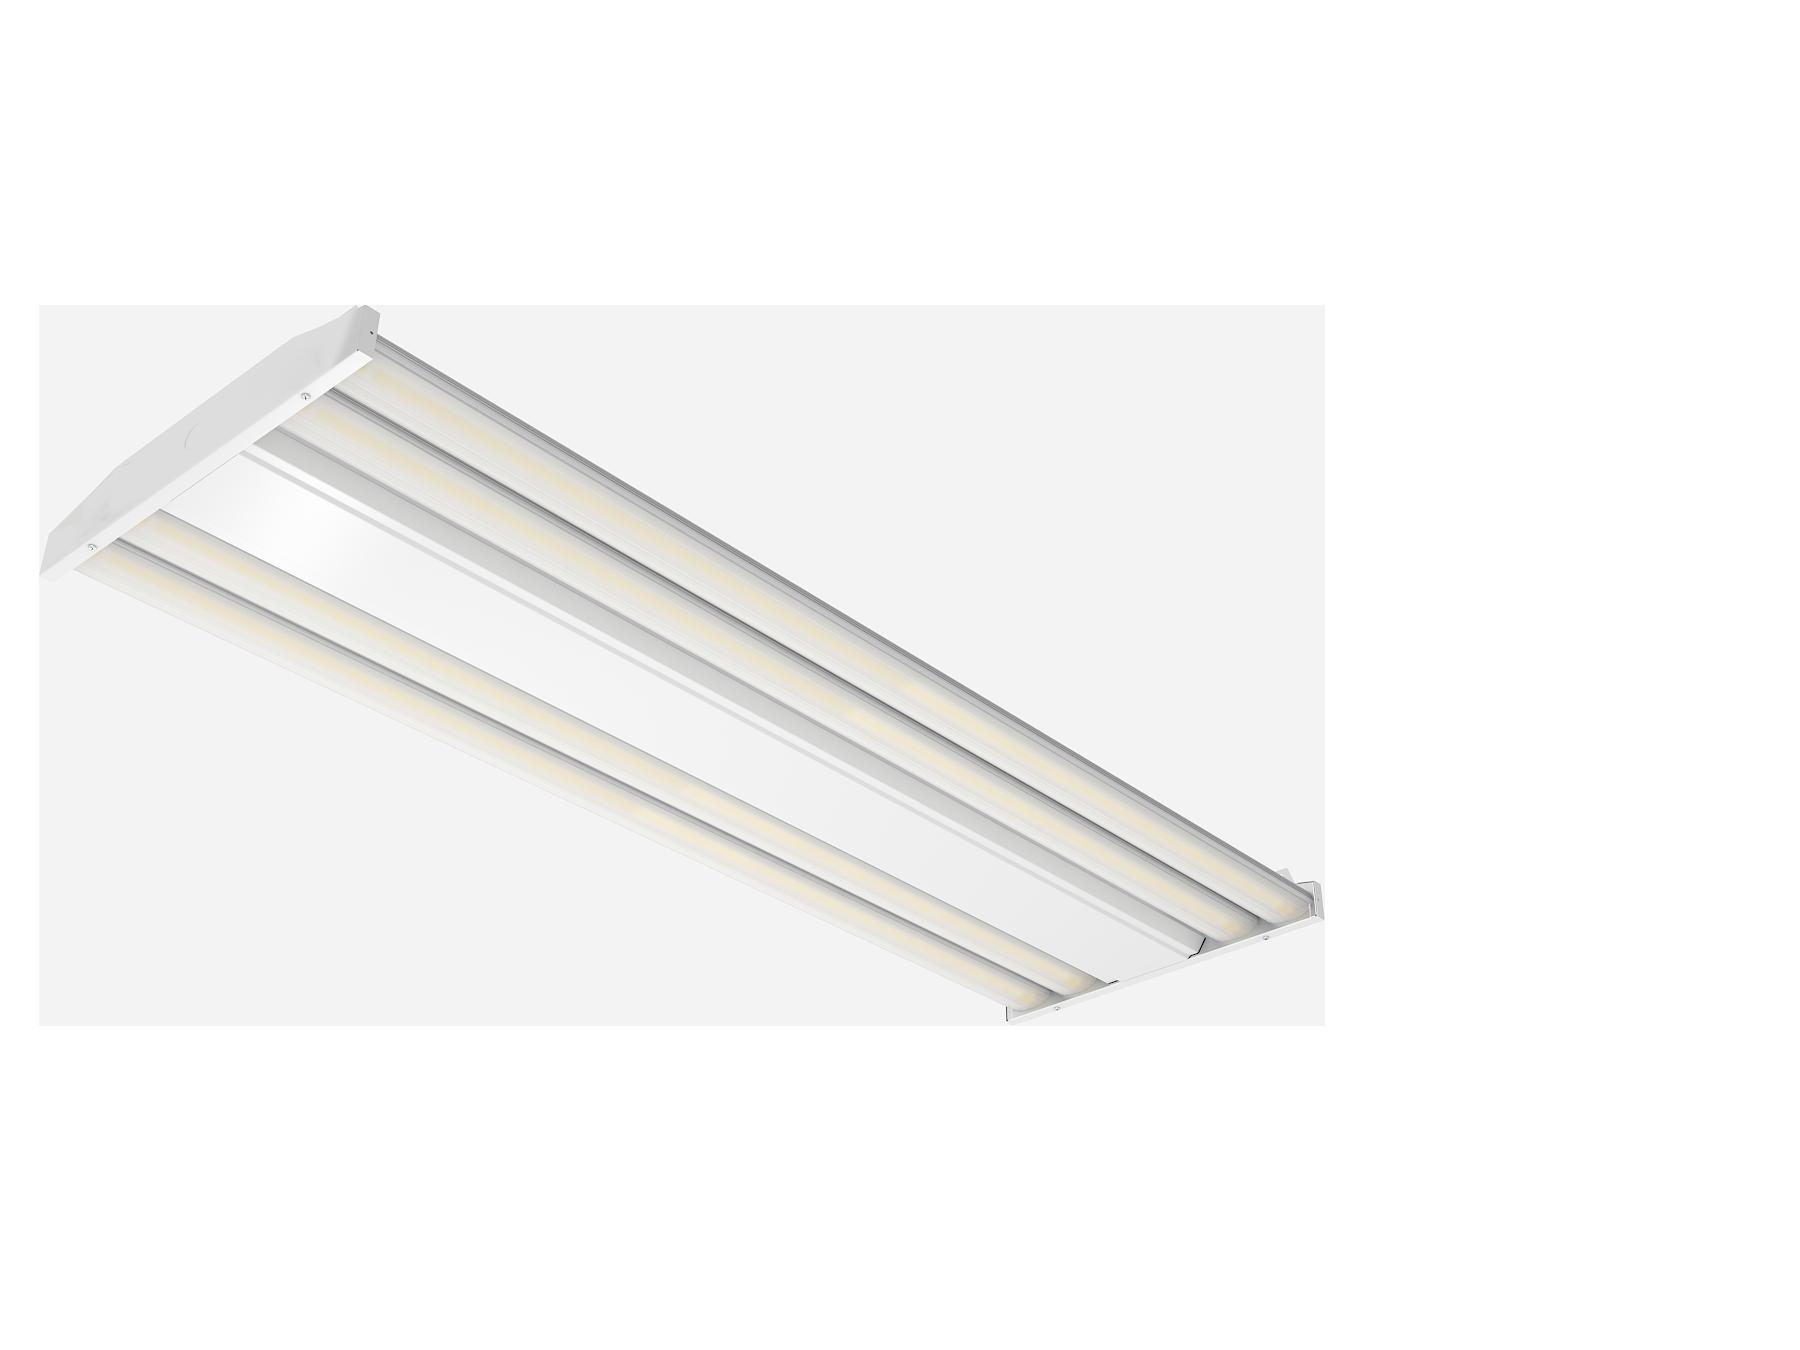 Underside Oblique view of the EverLast Lighting Liner Series LED light